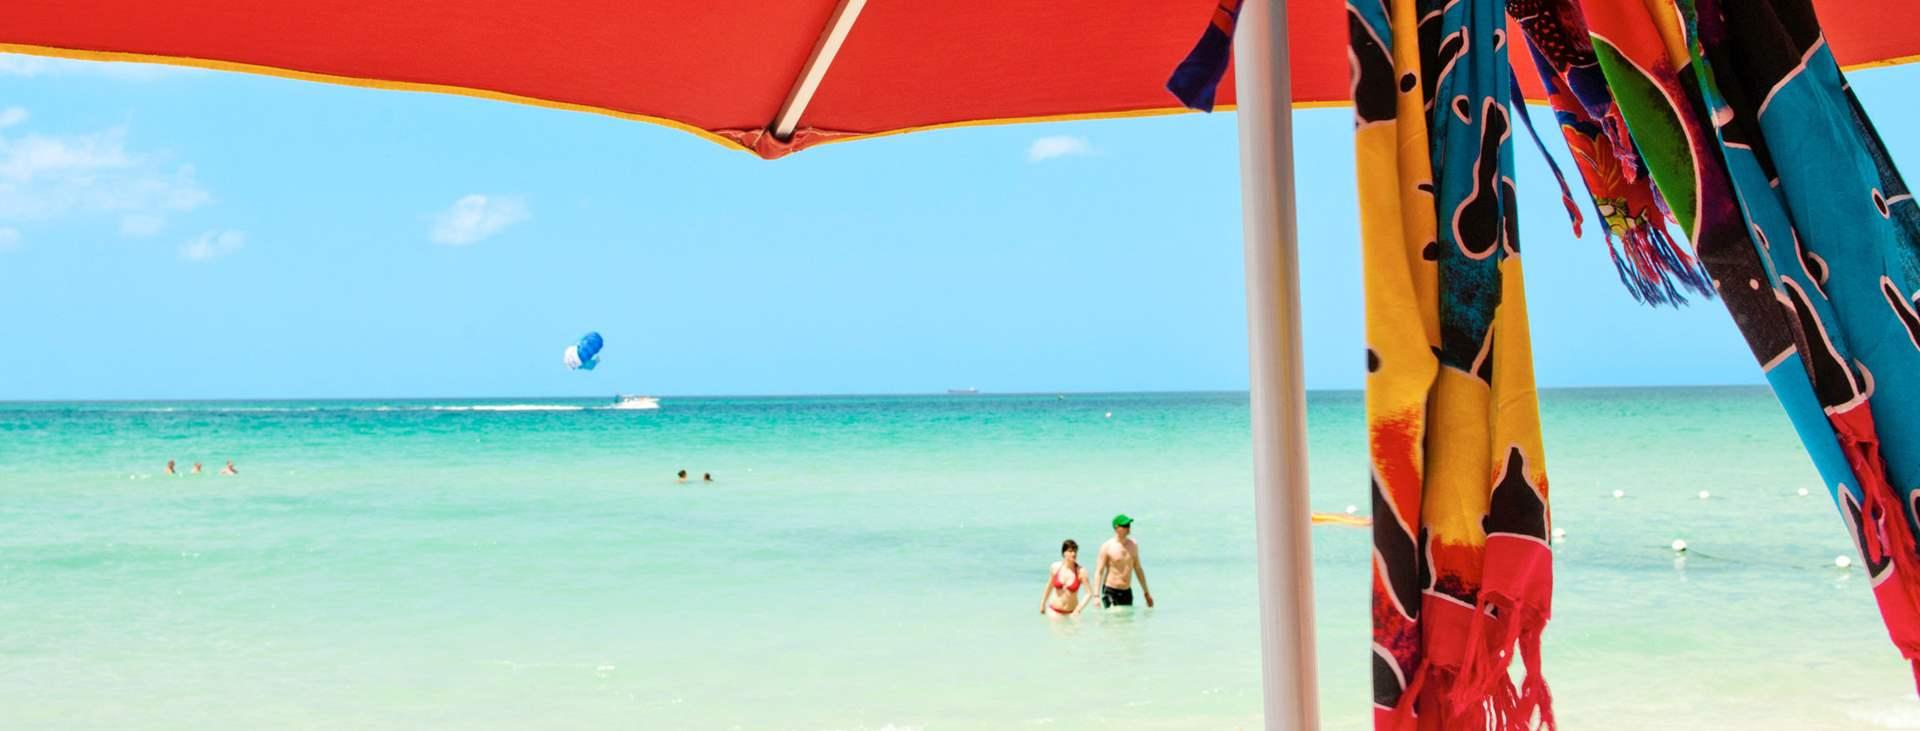 Drömmen om Karibien – Boka en resa till Jamaica